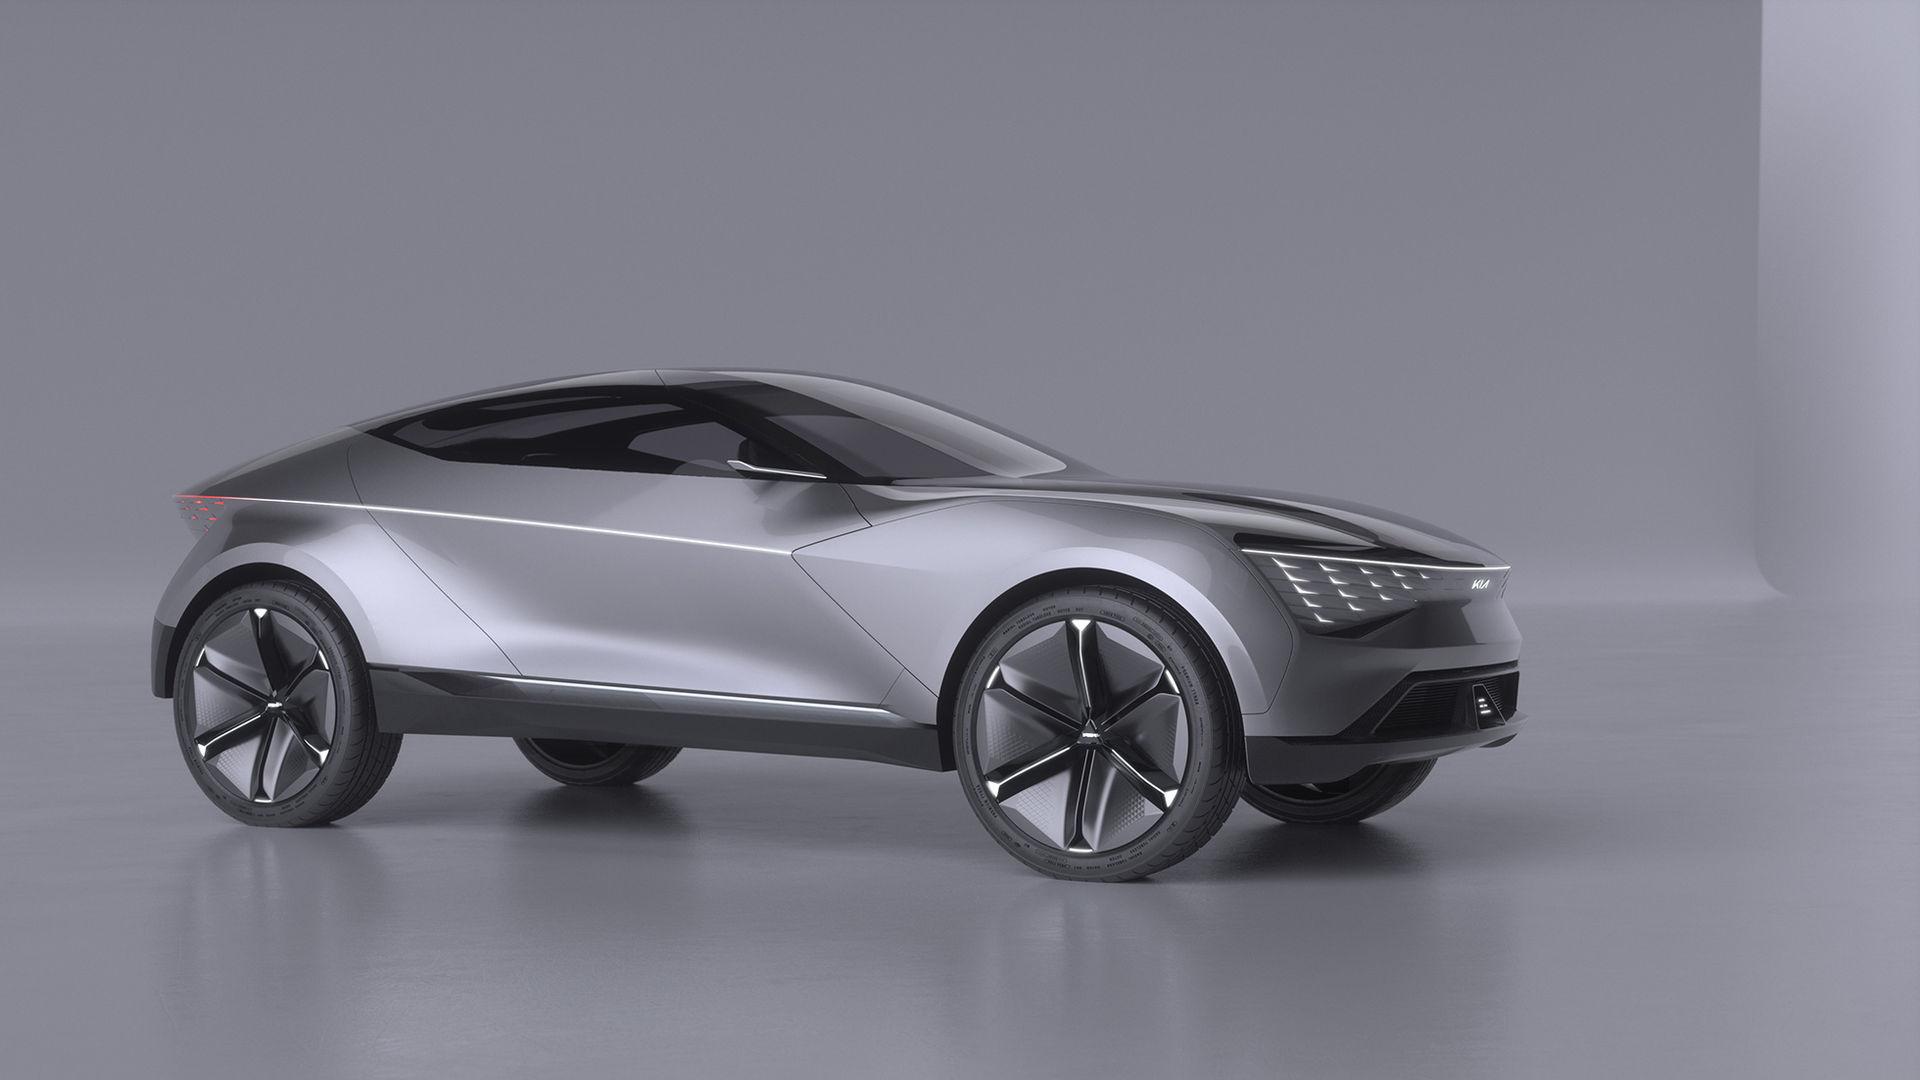 Futuron - ny eldriven konceptbil från Kia